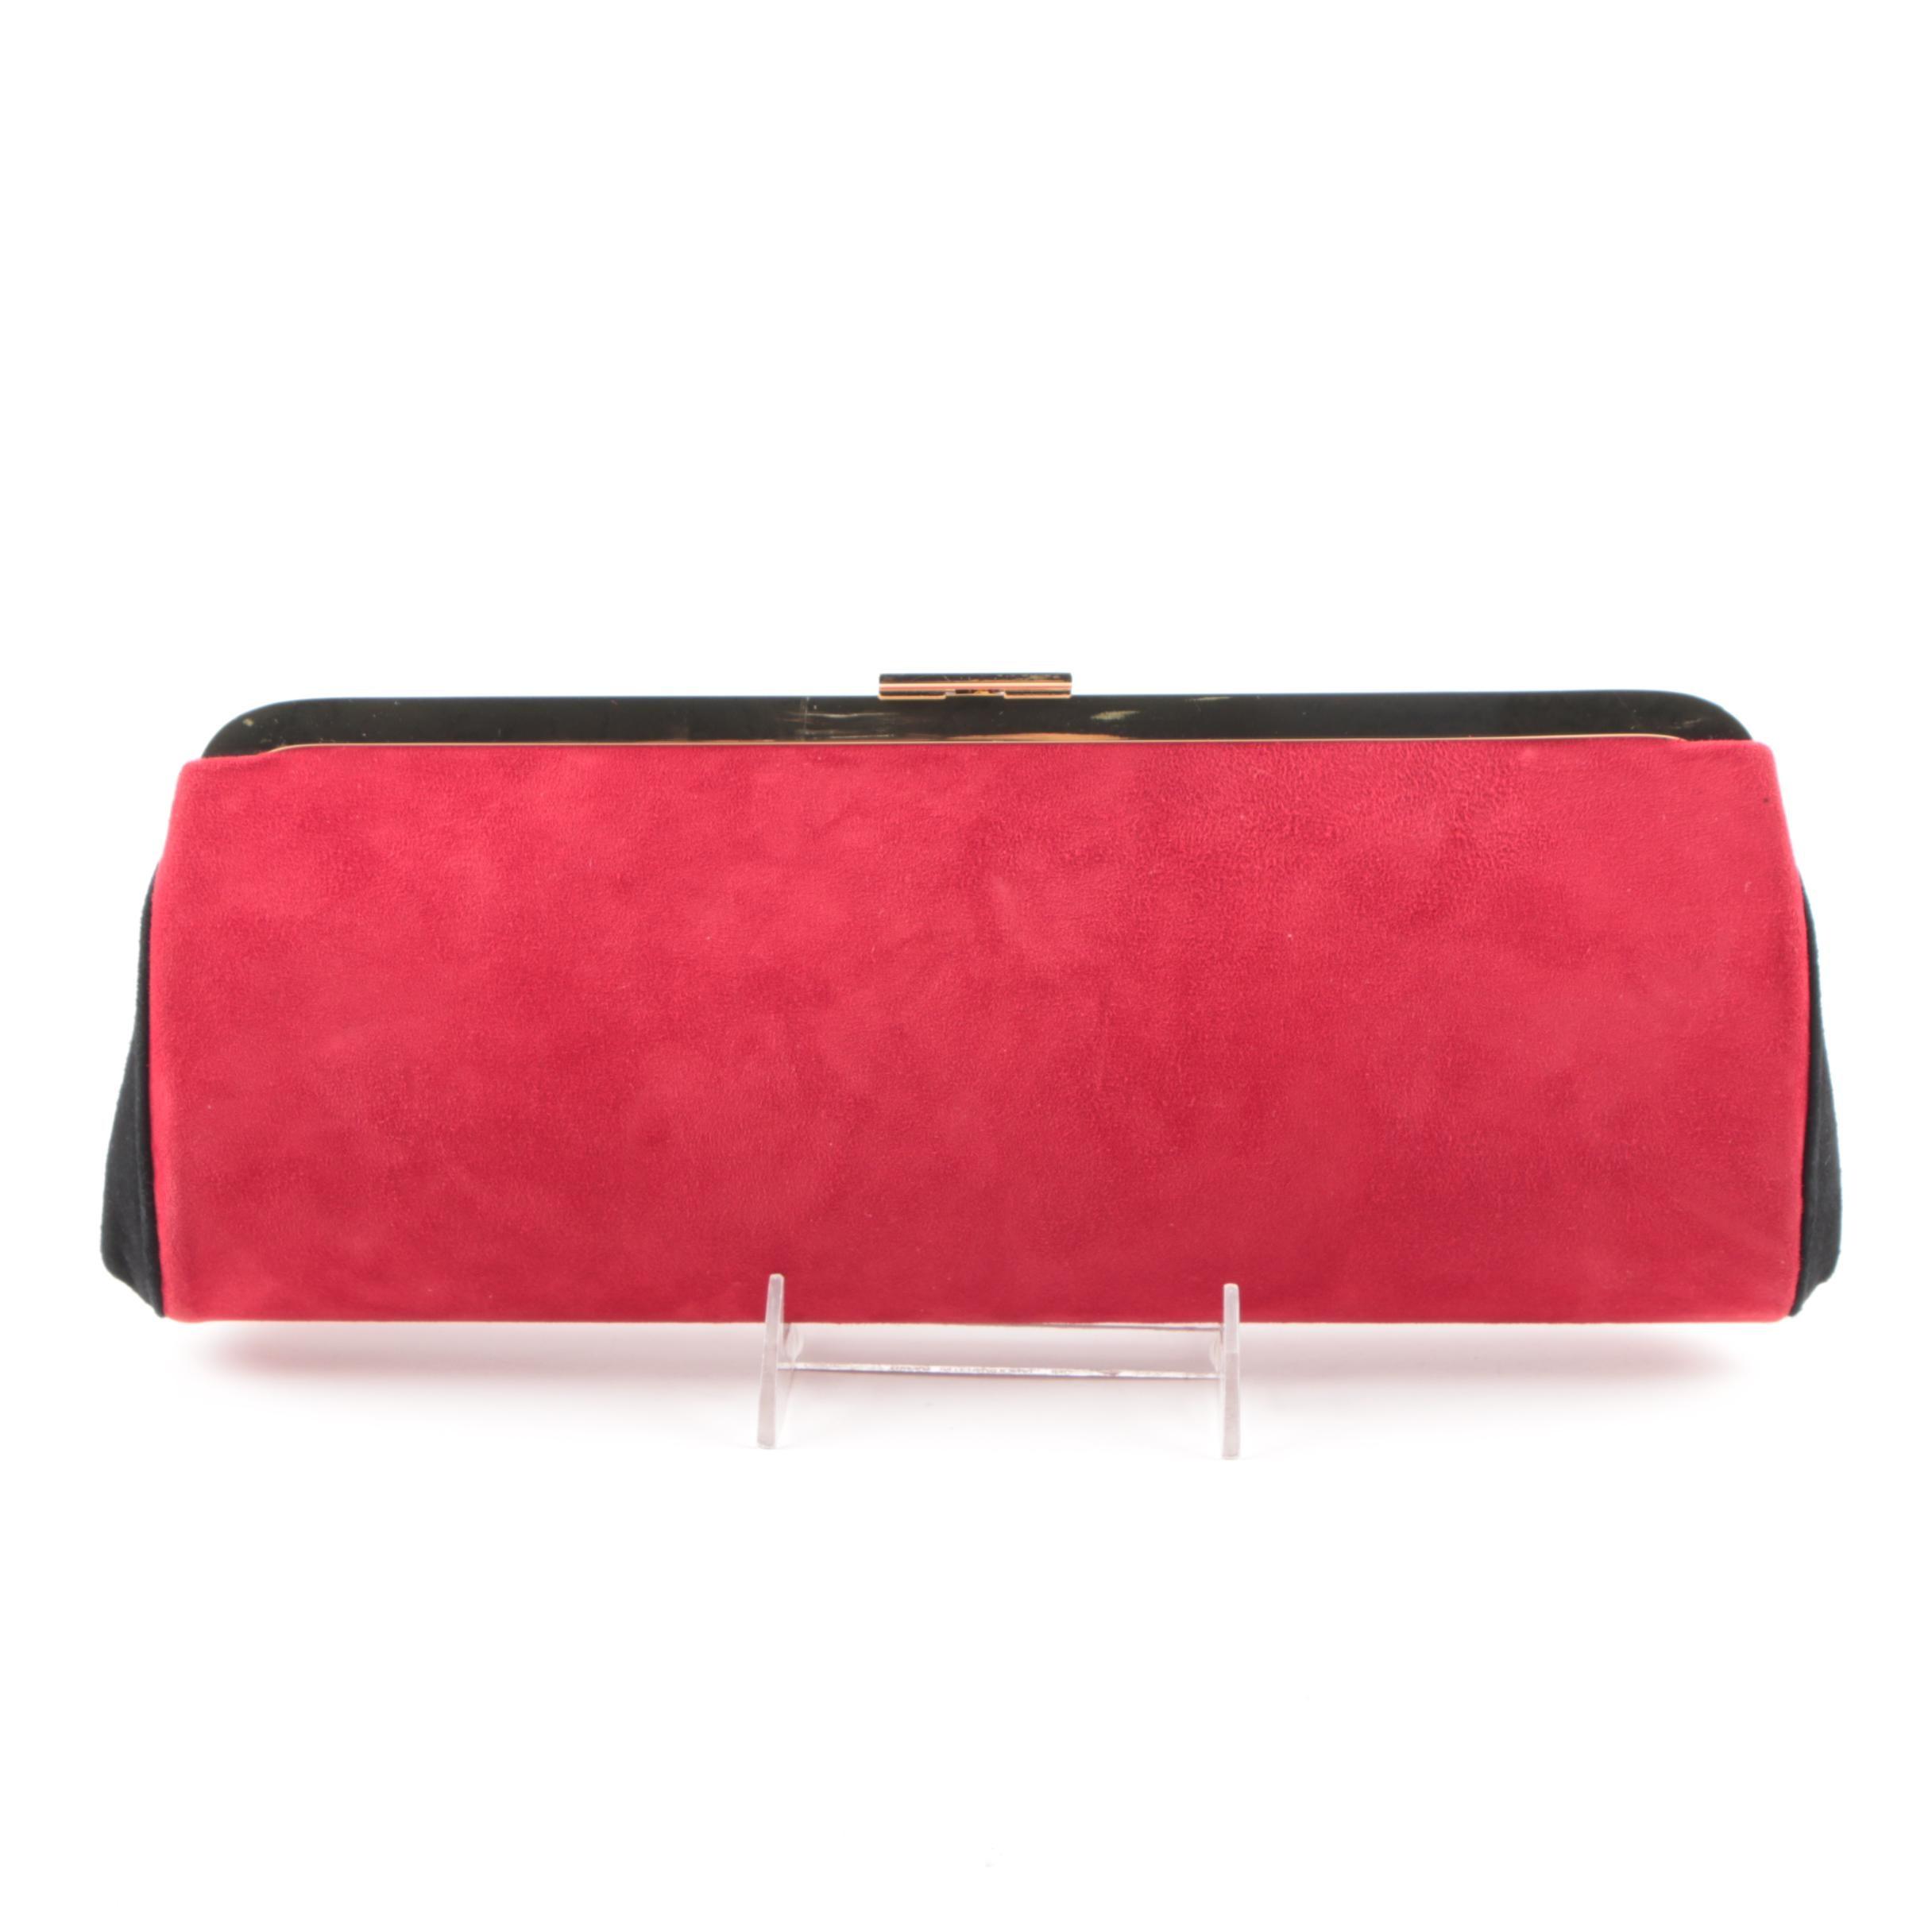 Balmain Paris for H&M Red Faux Suede Clutch